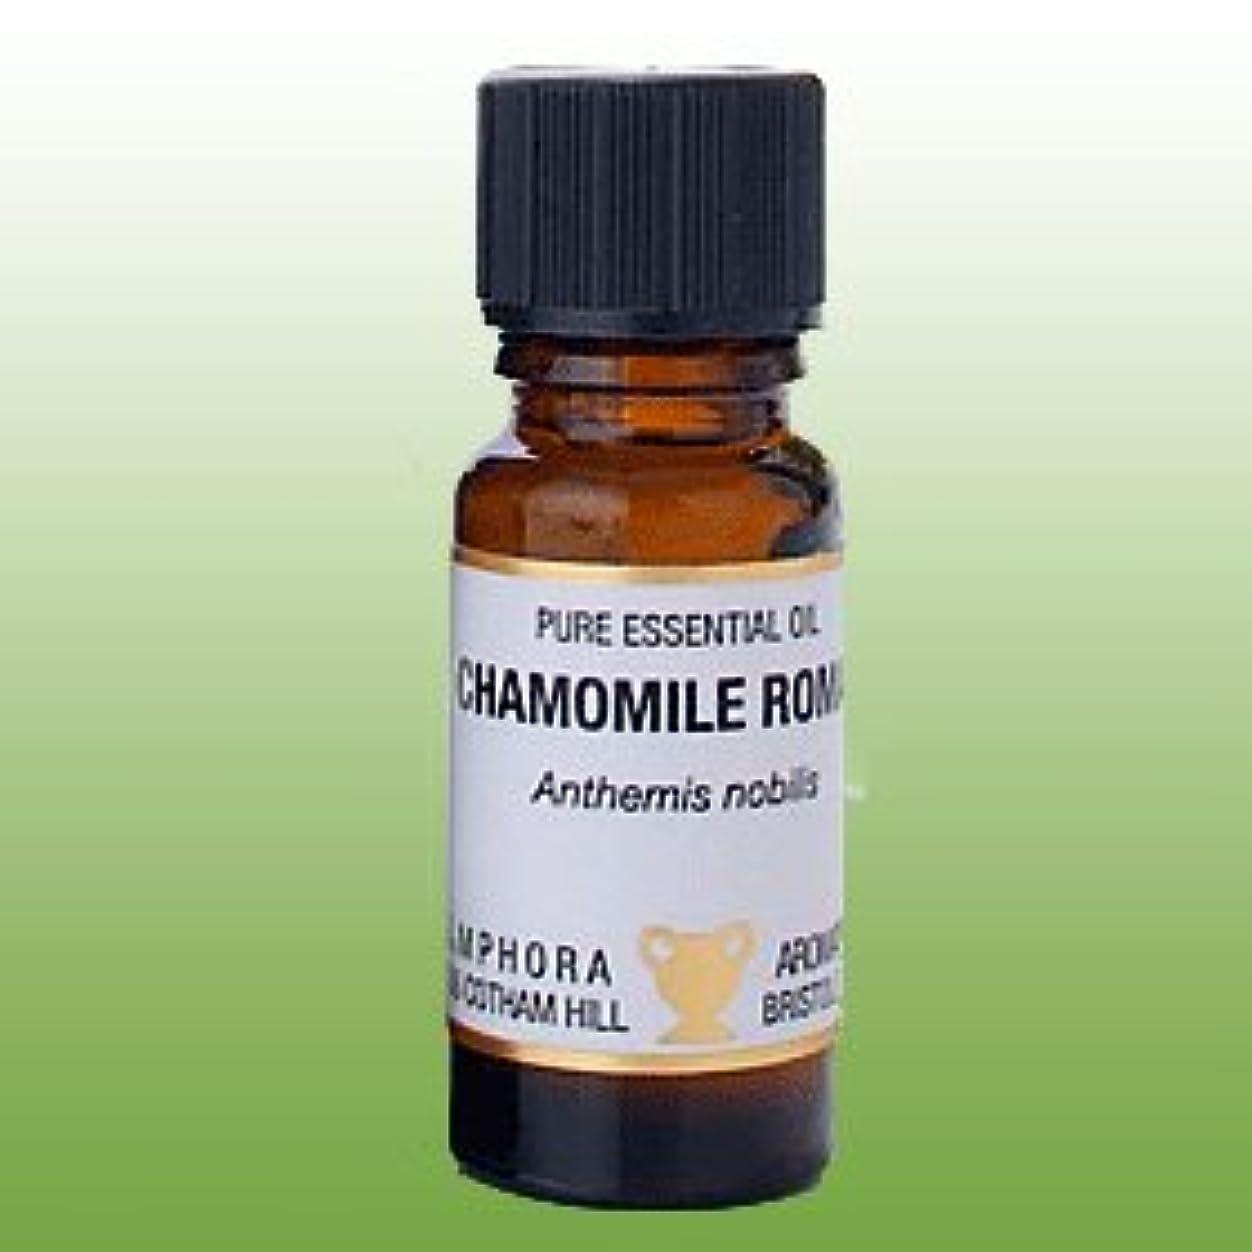 大人時刻表元気なカモミール ローマン 10ml エッセンシャルオイル